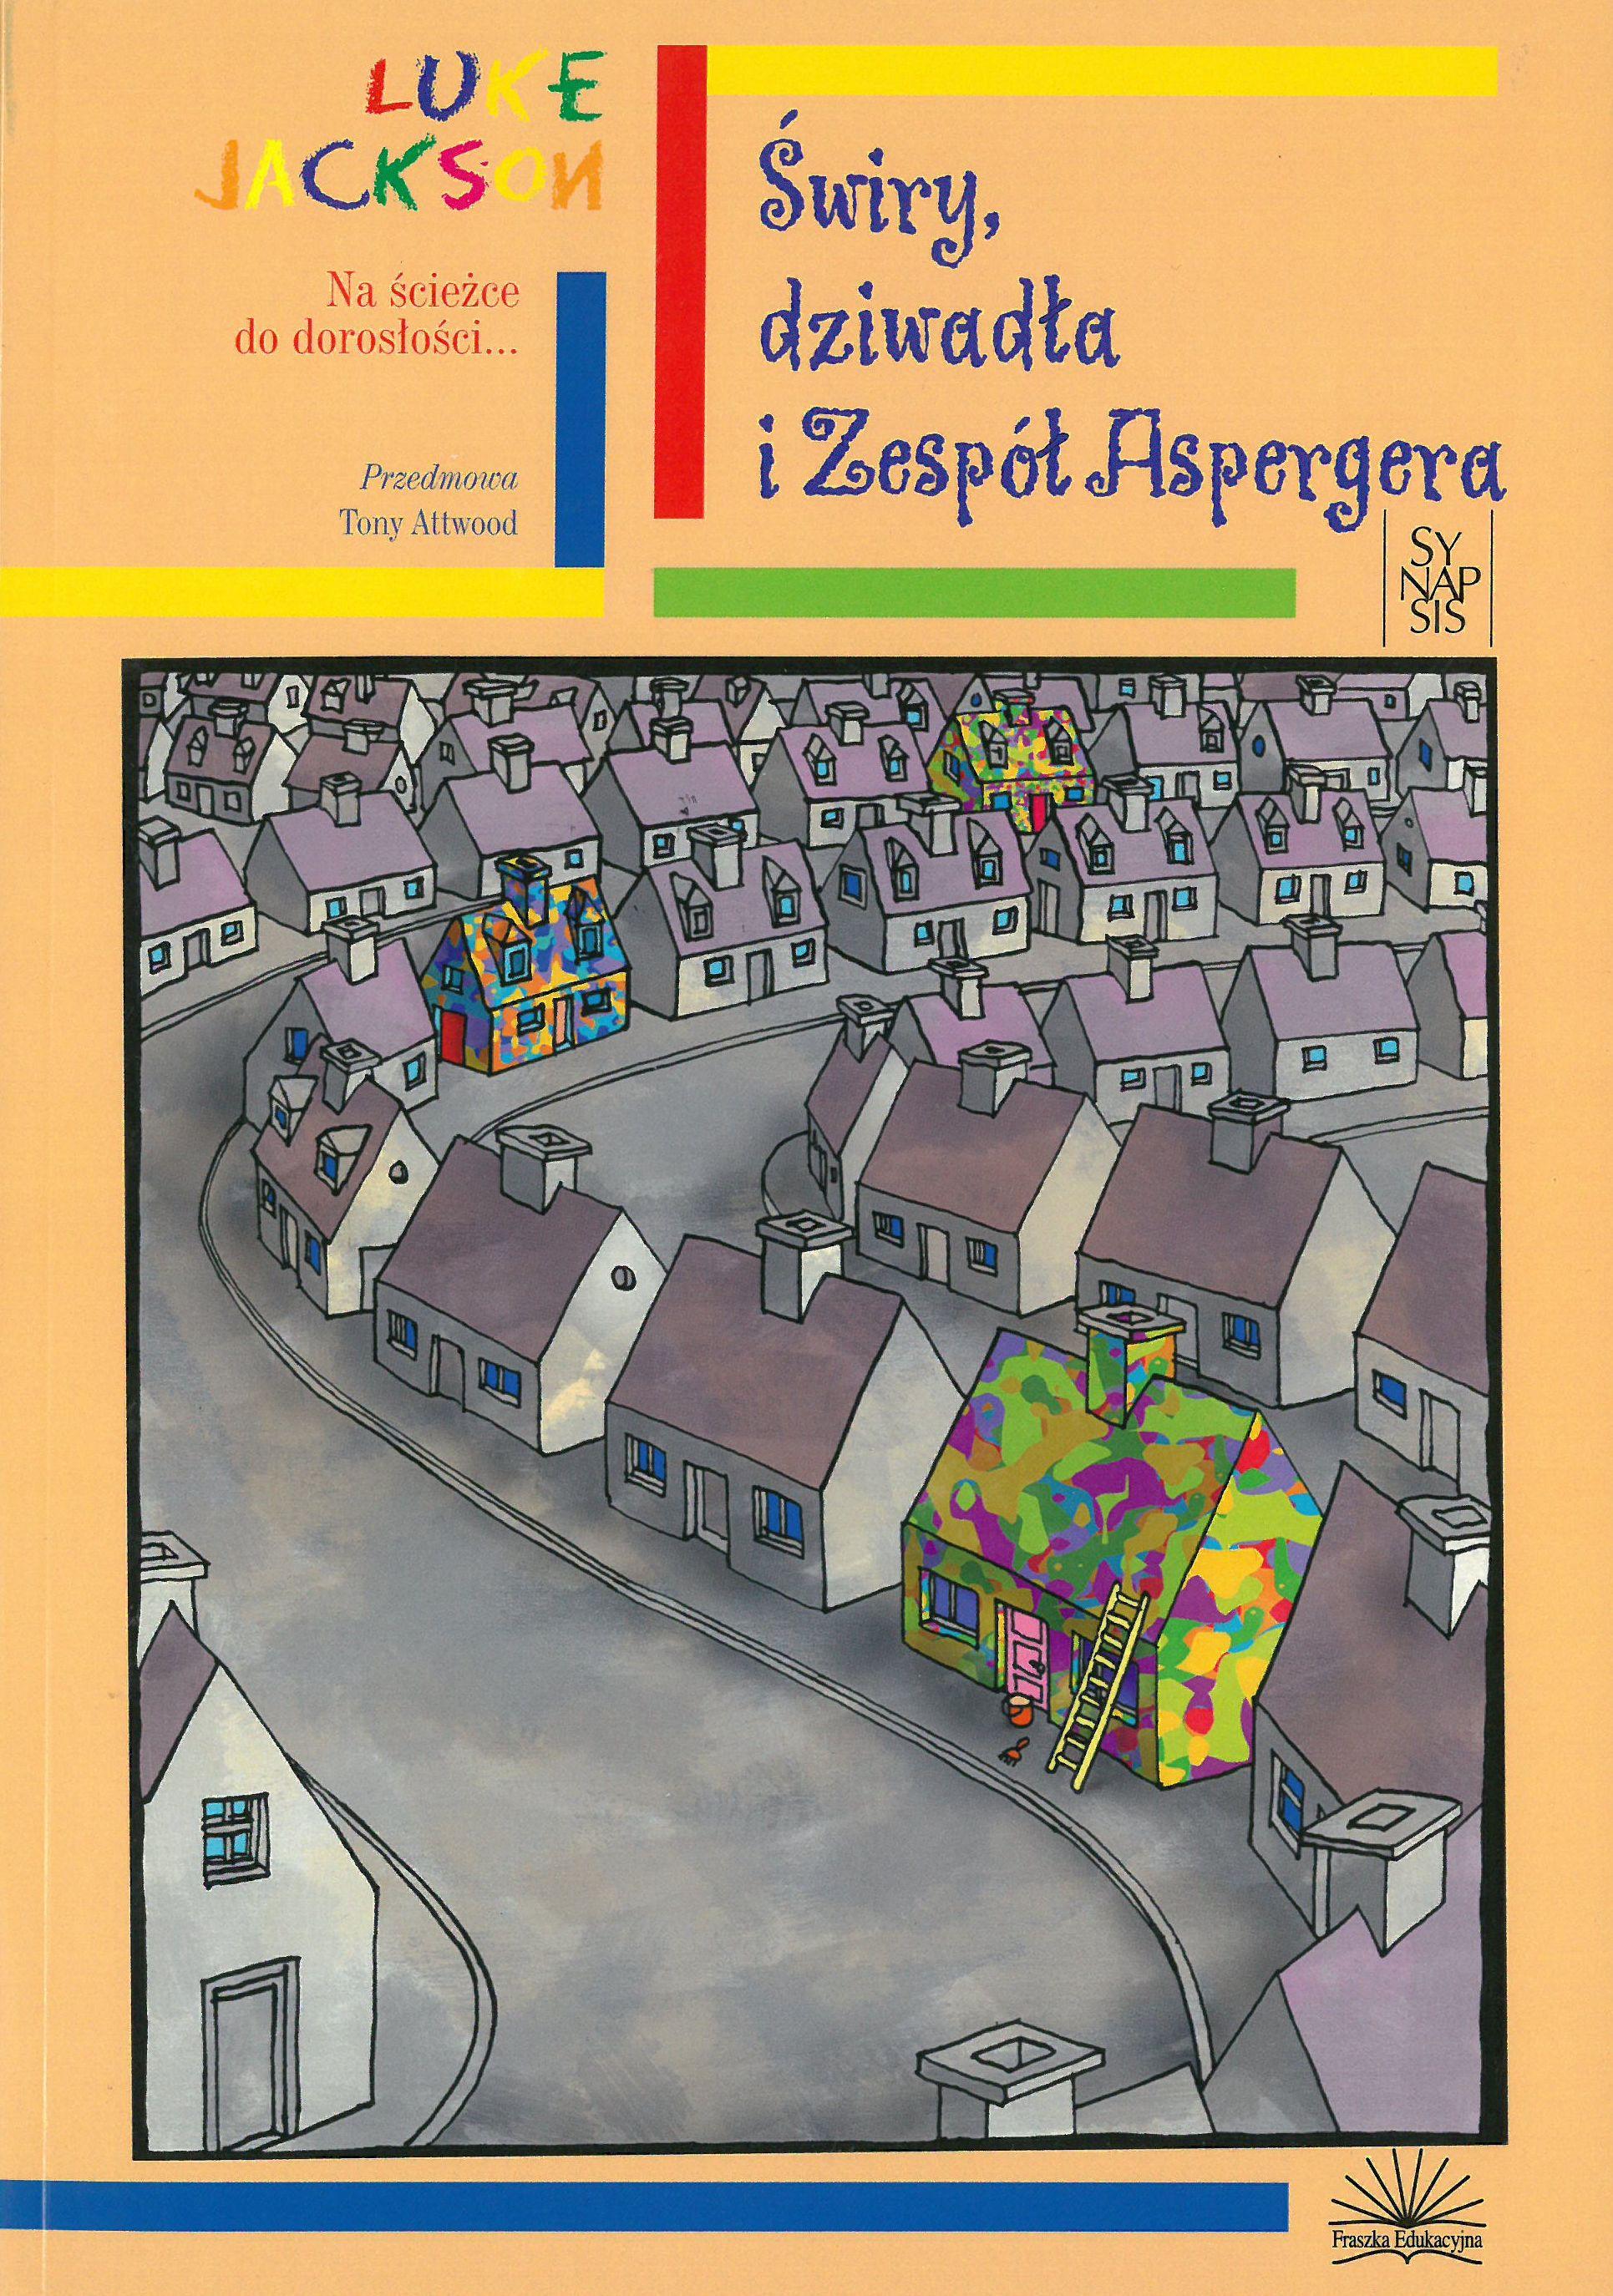 """okładka książki """"Świry, dziwadła i Zespół Aspergera"""""""